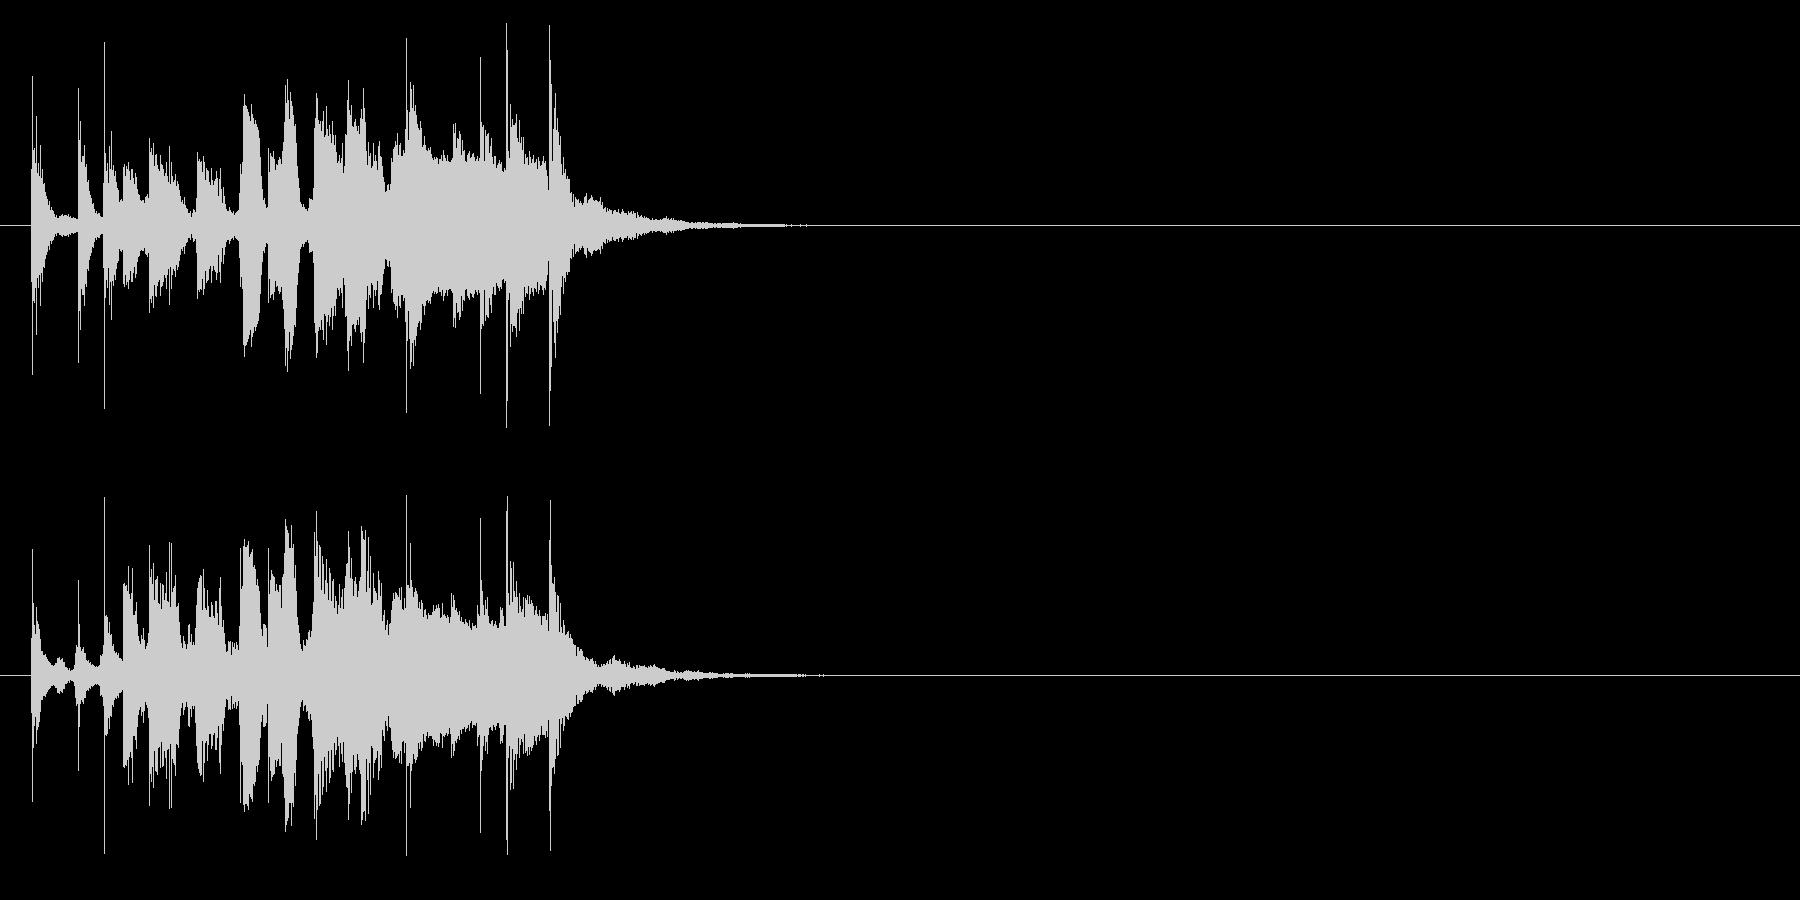 ハンドクラップが特徴的なピアノジングルの未再生の波形